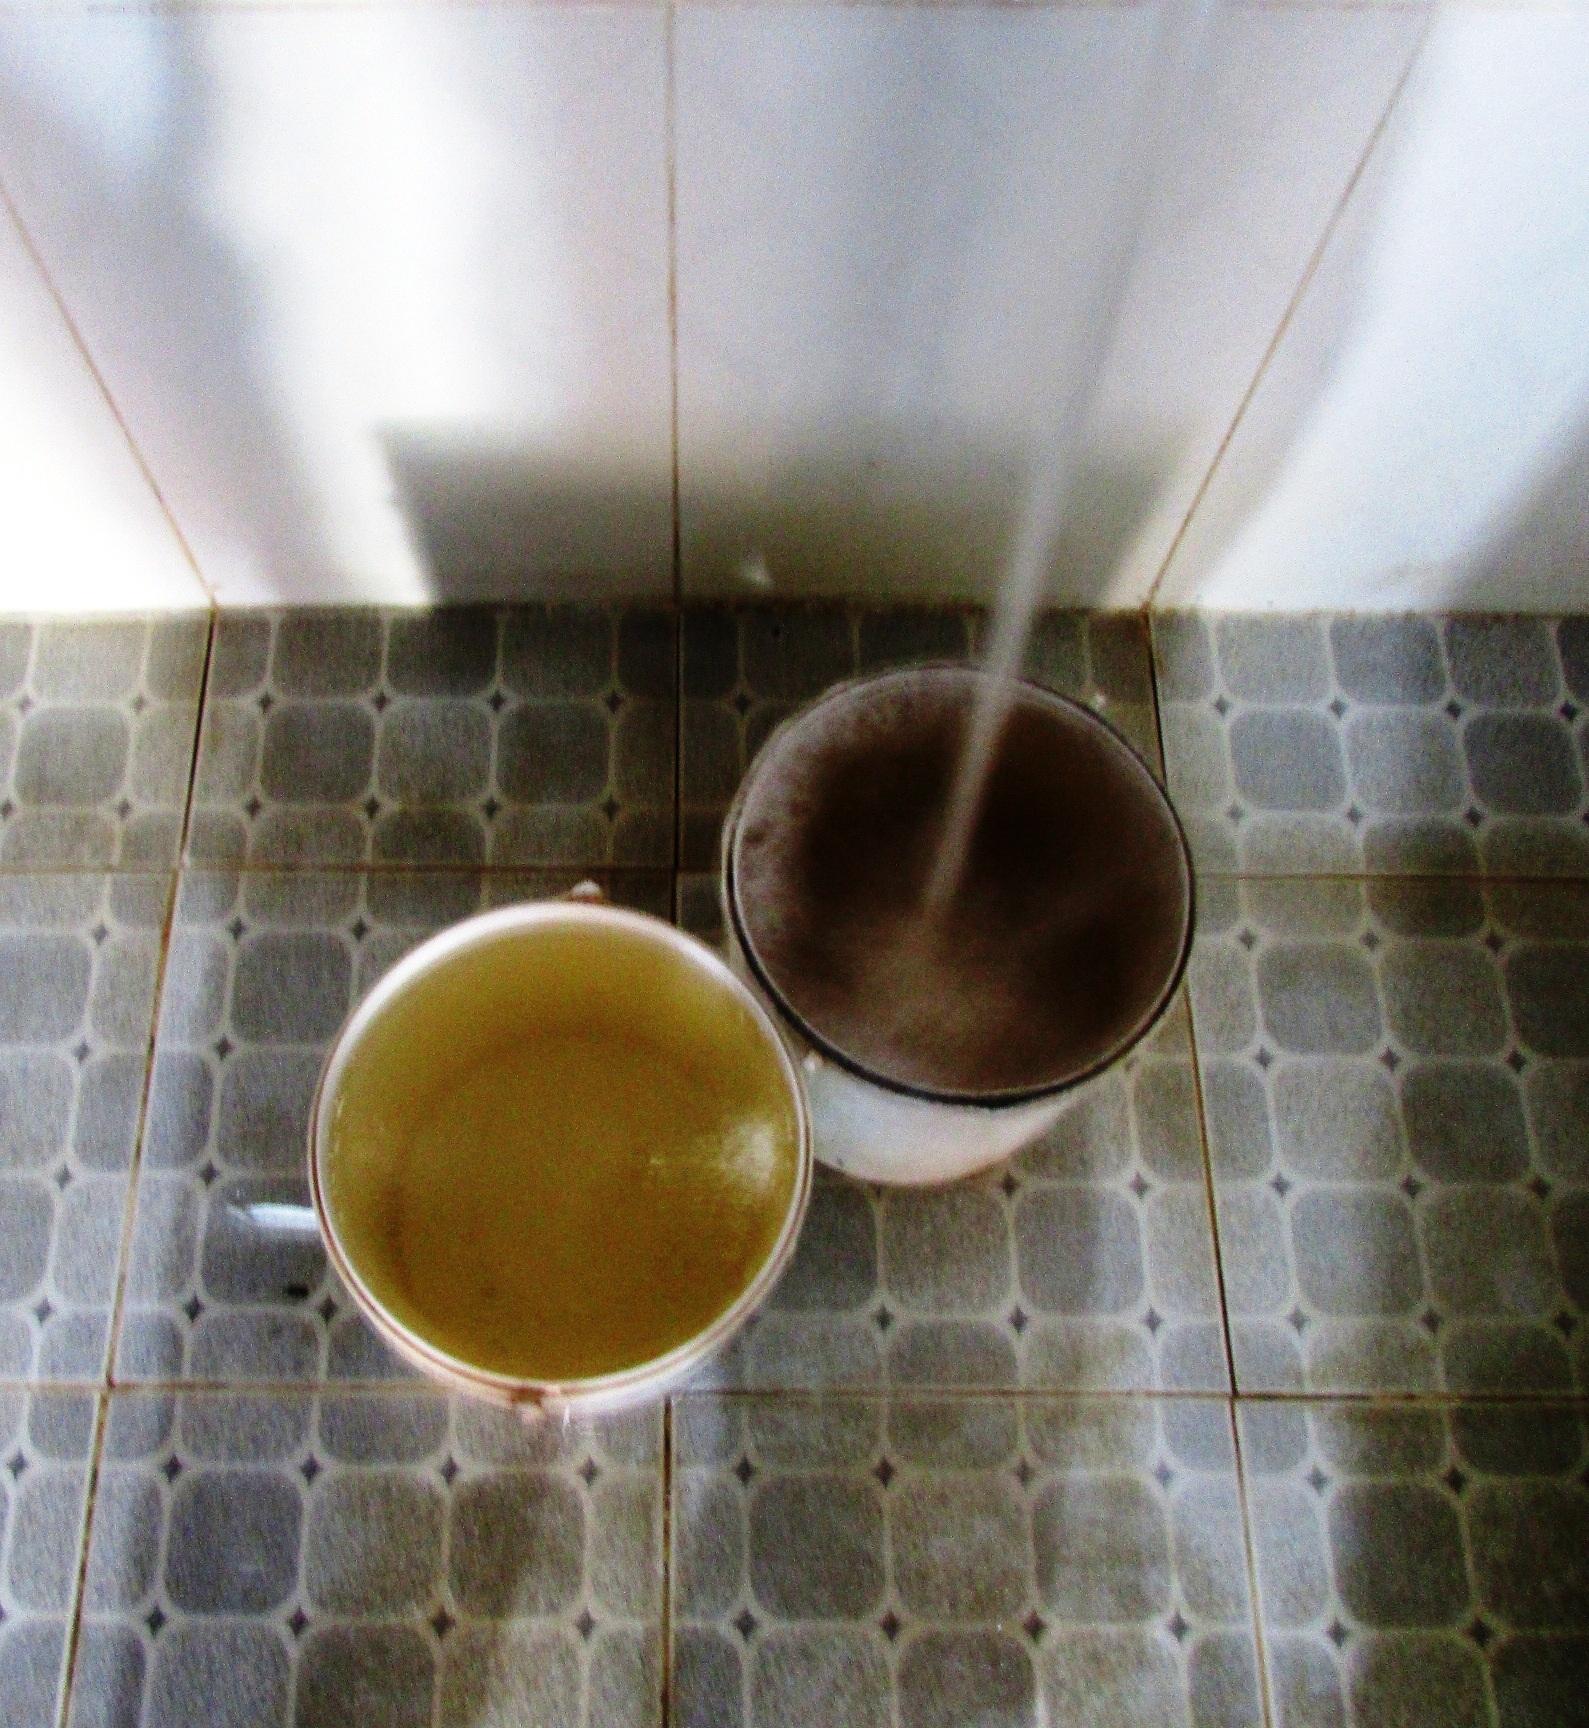 Hàng ngày người dân phải dùng nguồn nước ngầm bị nhiễm mặn nặng nề cho việc tắm giặt